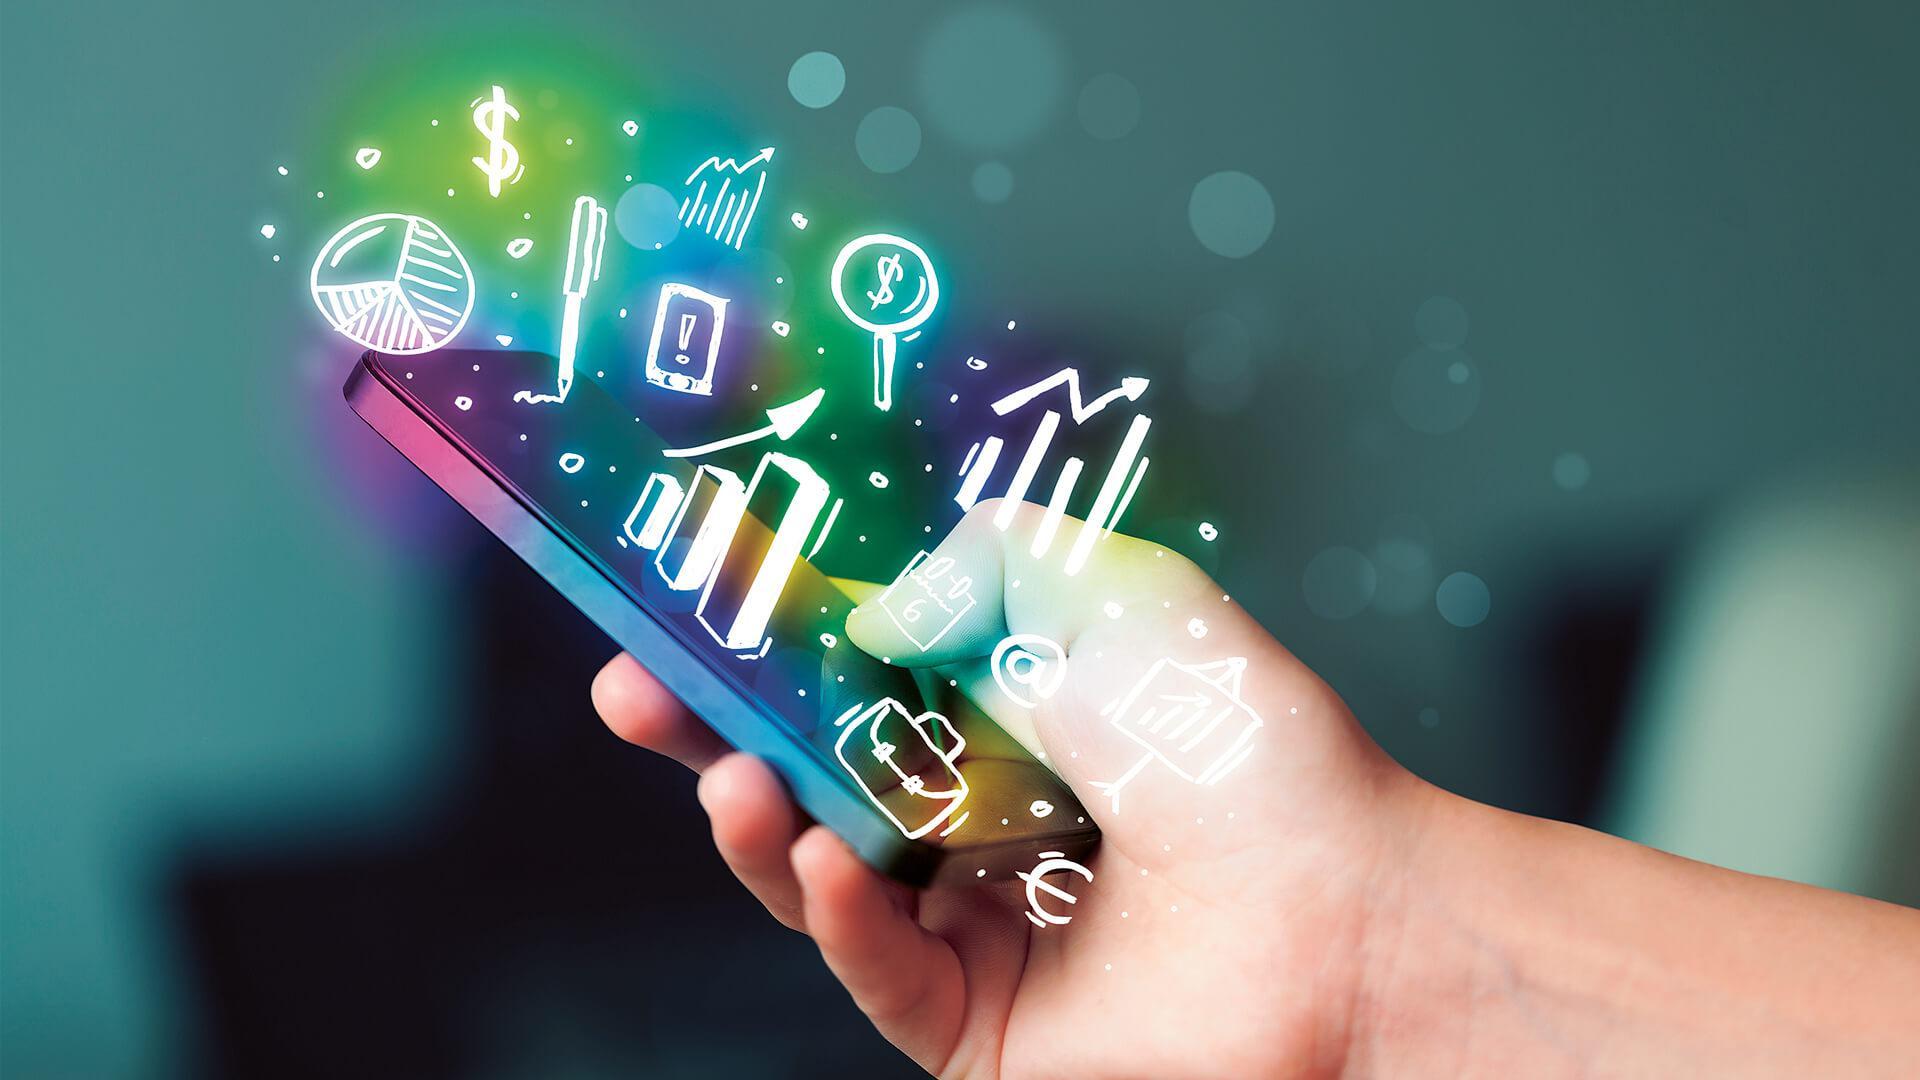 2021-dijital-pazarinda-bizi-neler-bekliyor_2